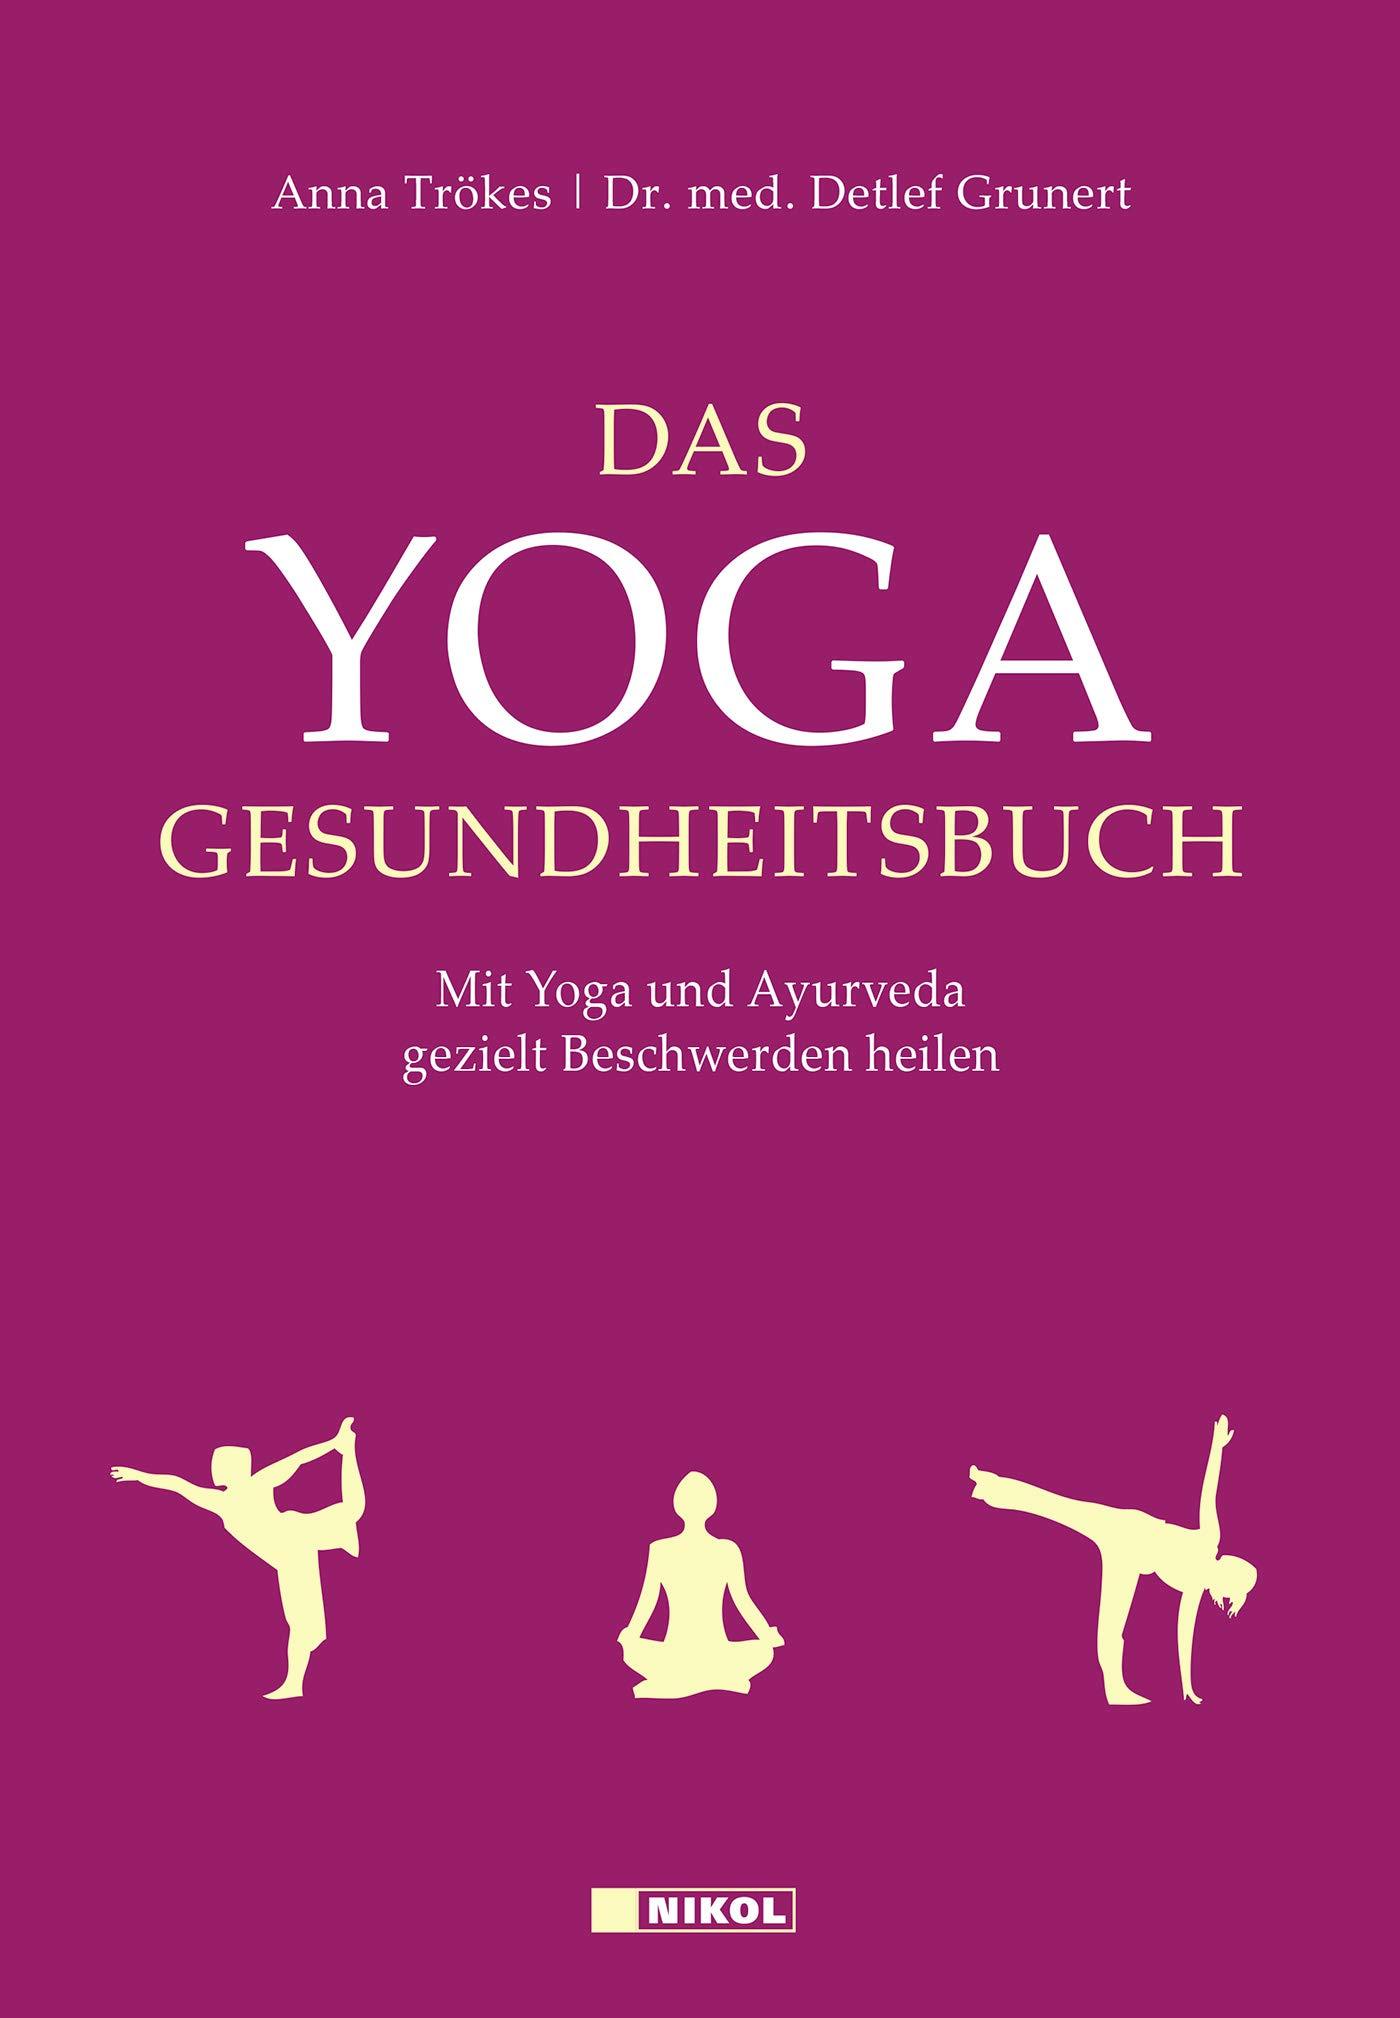 Das Yoga-Gesundheitsbuch: Mit Yoga und Ayurveda gezielt ...